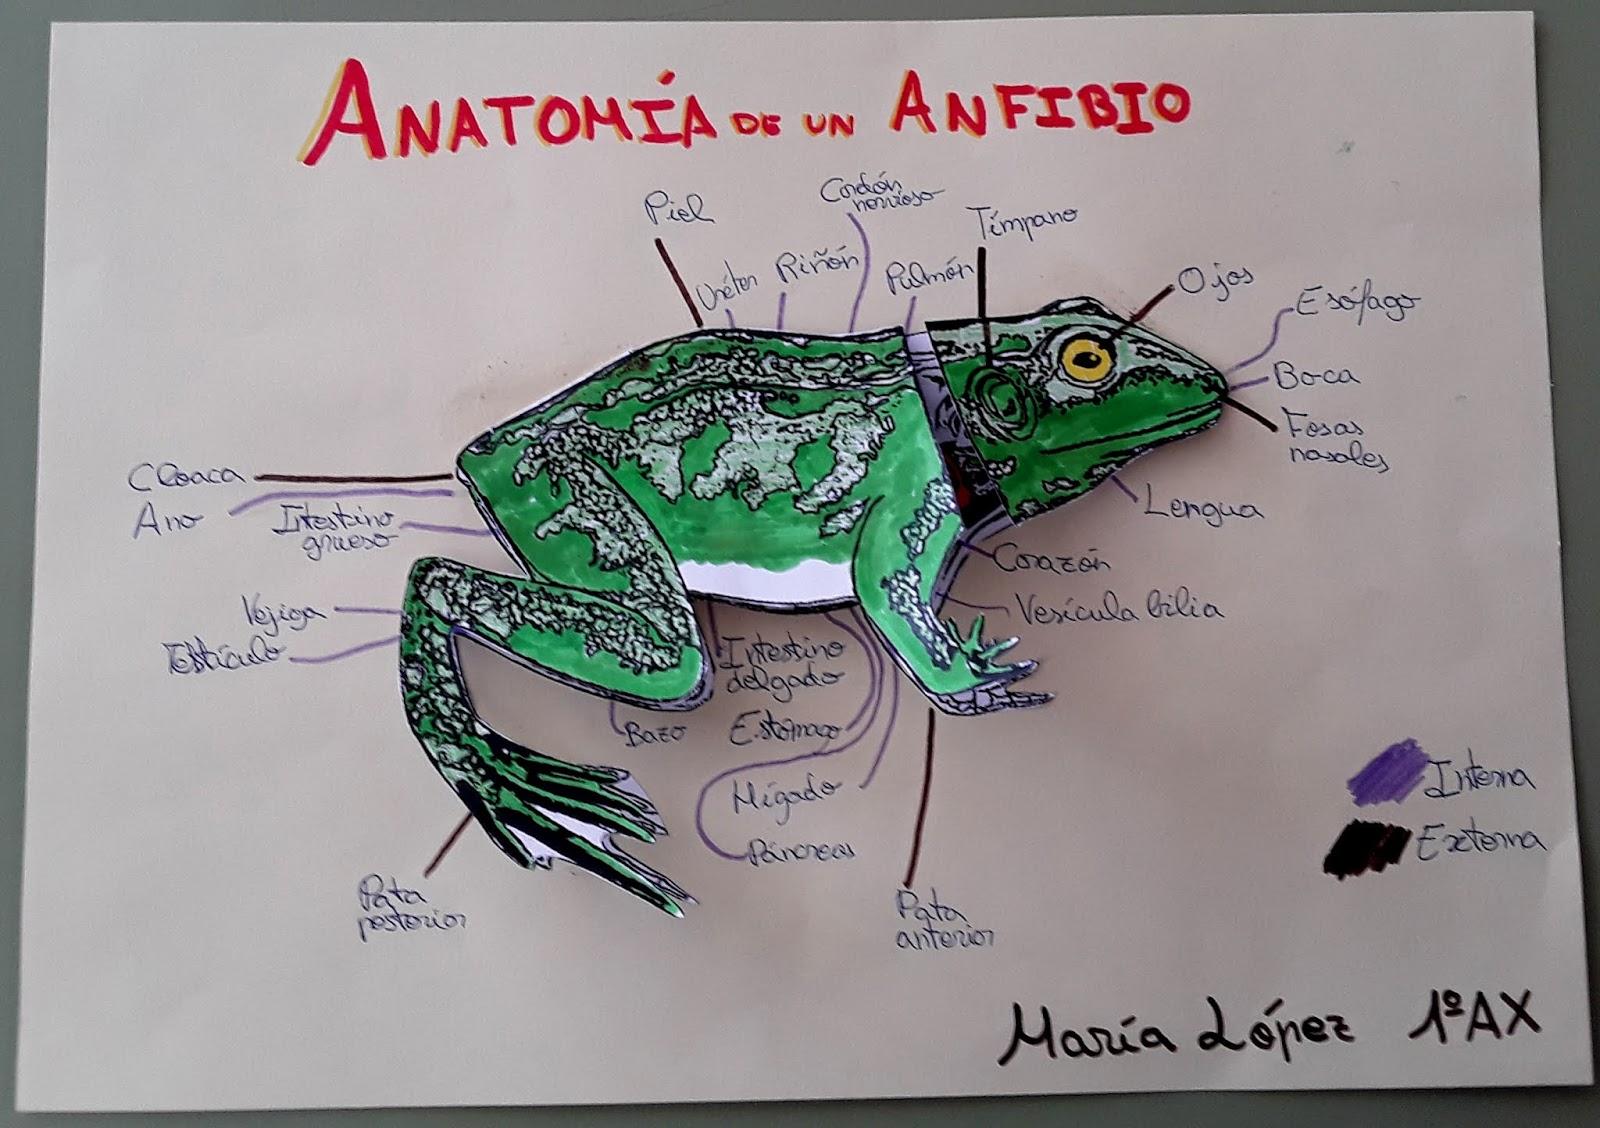 Biología y Geología 1ºESO: ANATOMÍA DE UN ANFÍBIO : EXTERNA e INTERNA